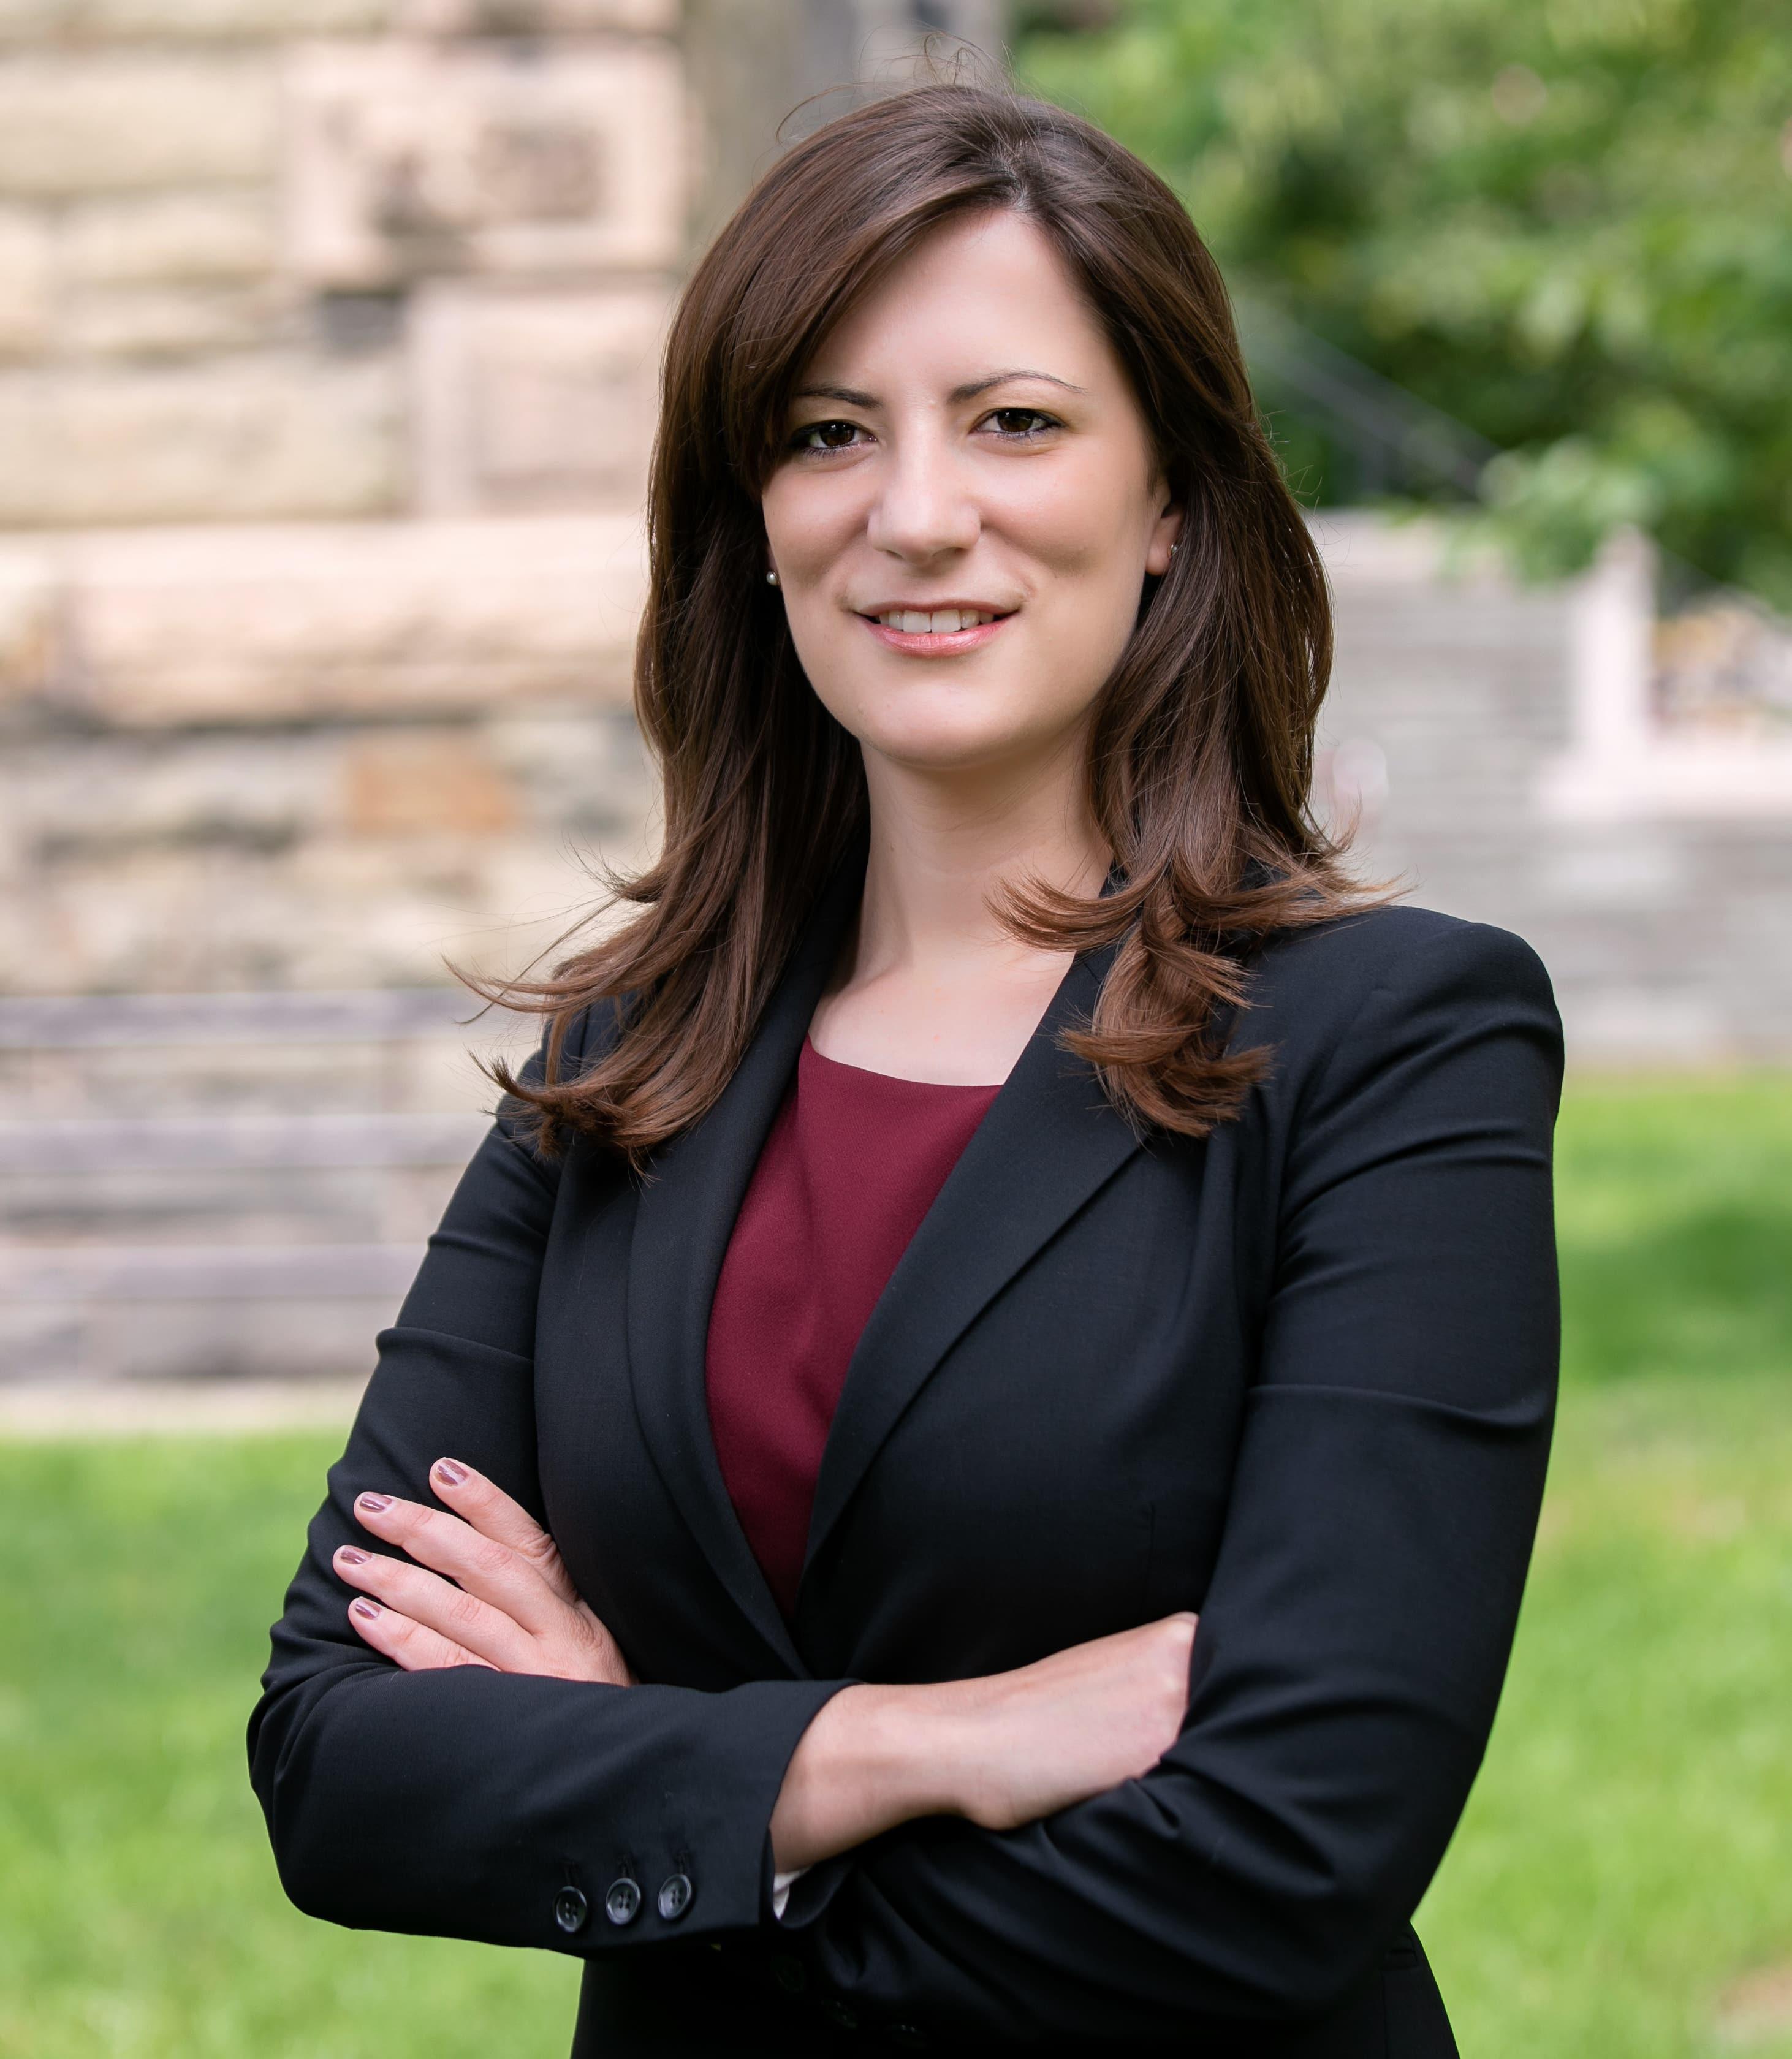 Image of Alexandra E. Cirone